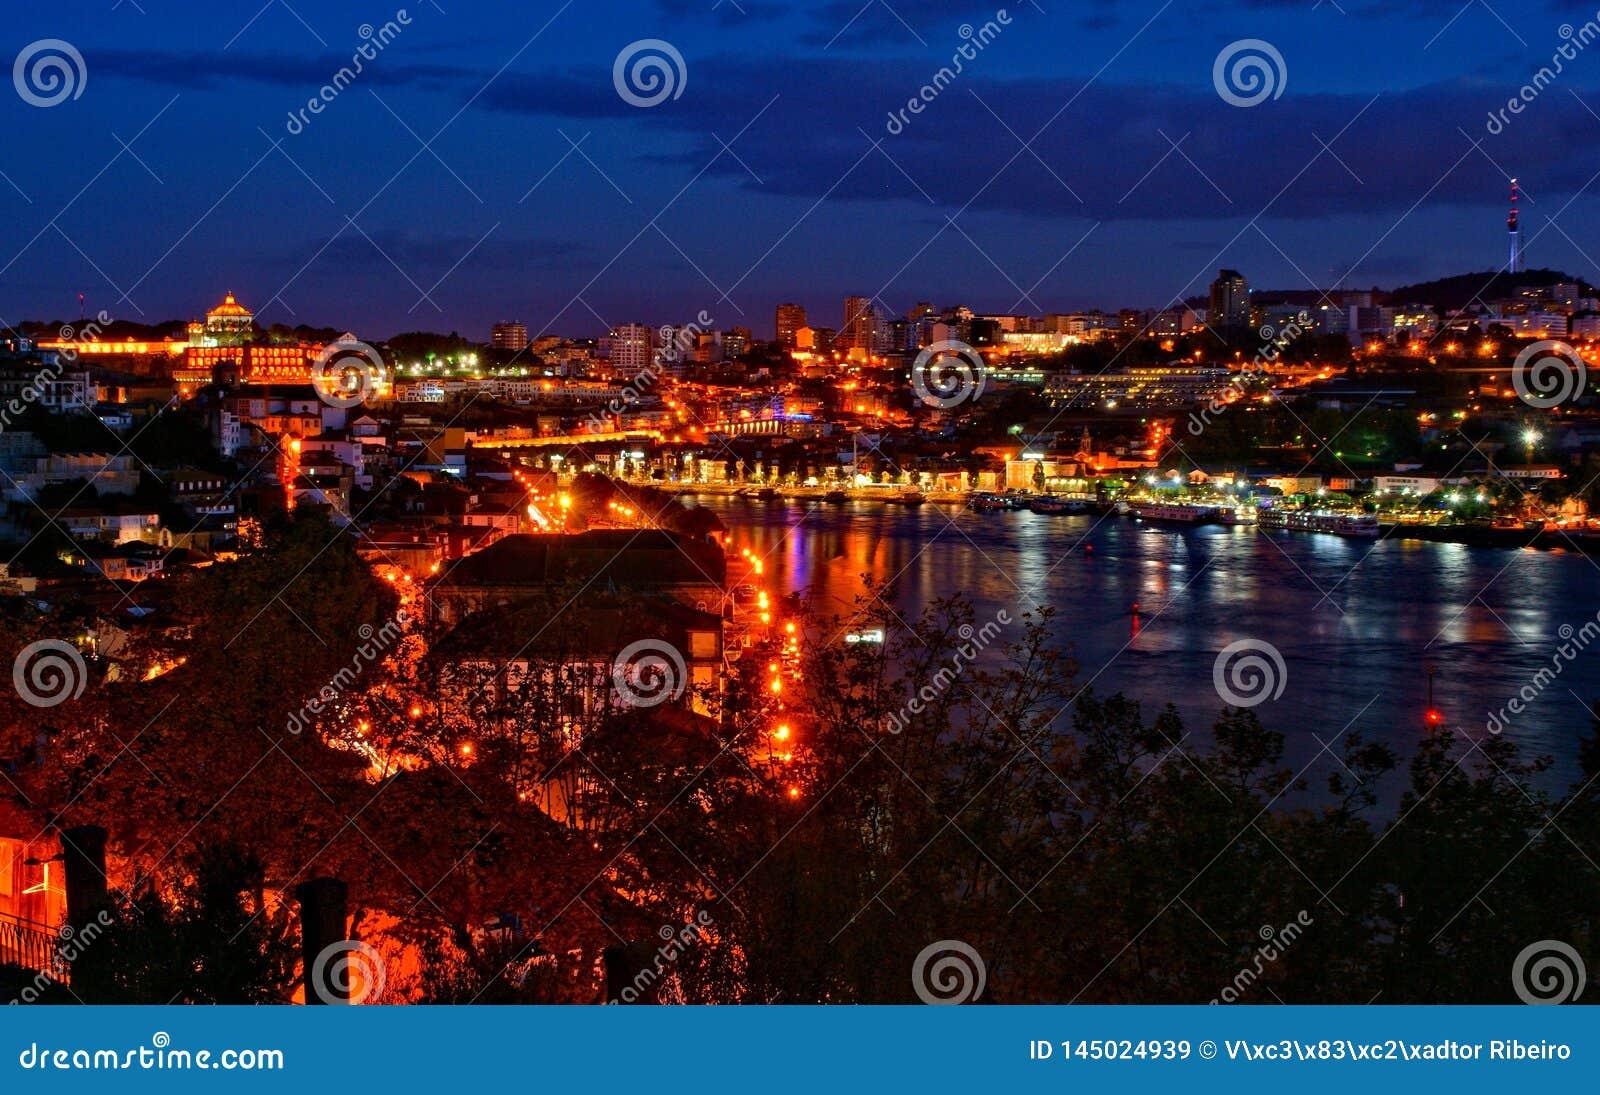 Douro river night view in Porto